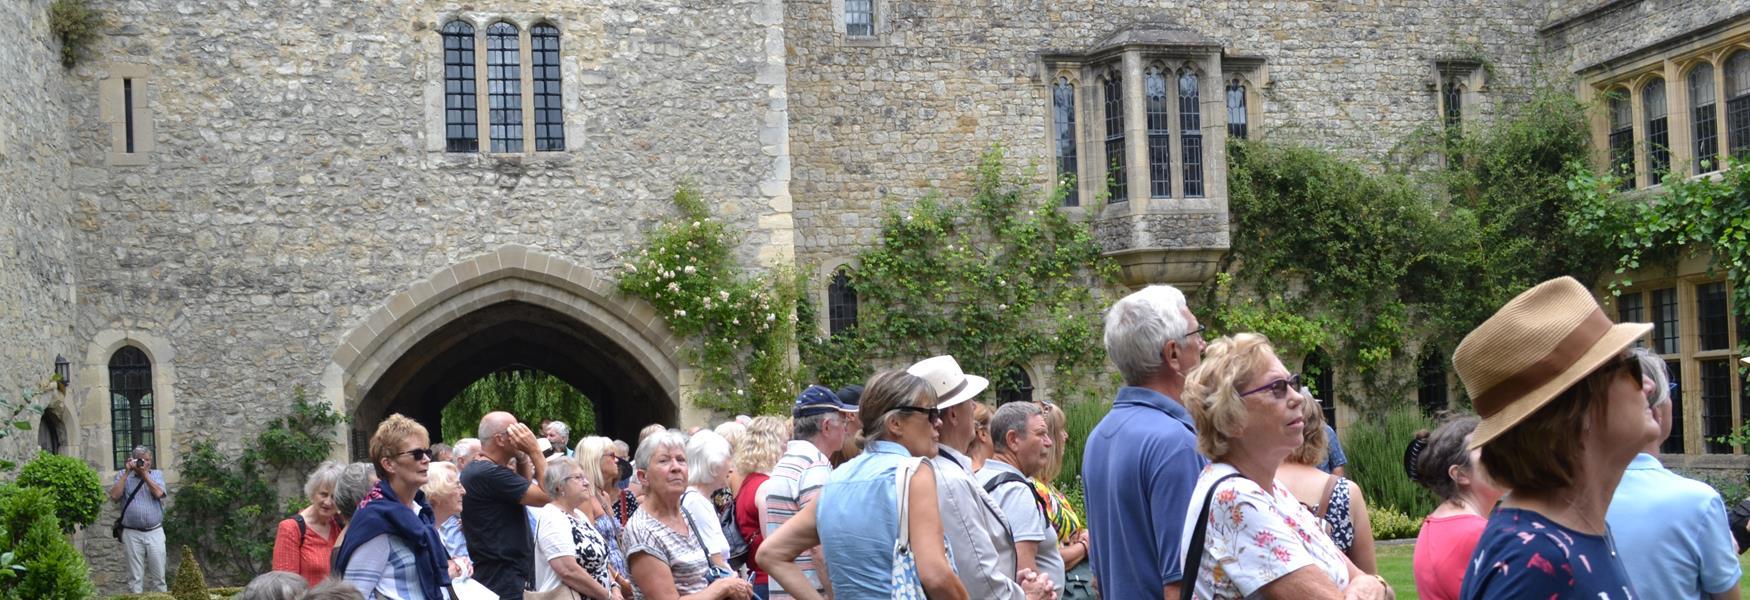 Kentish Lady's Allington Castle Tour